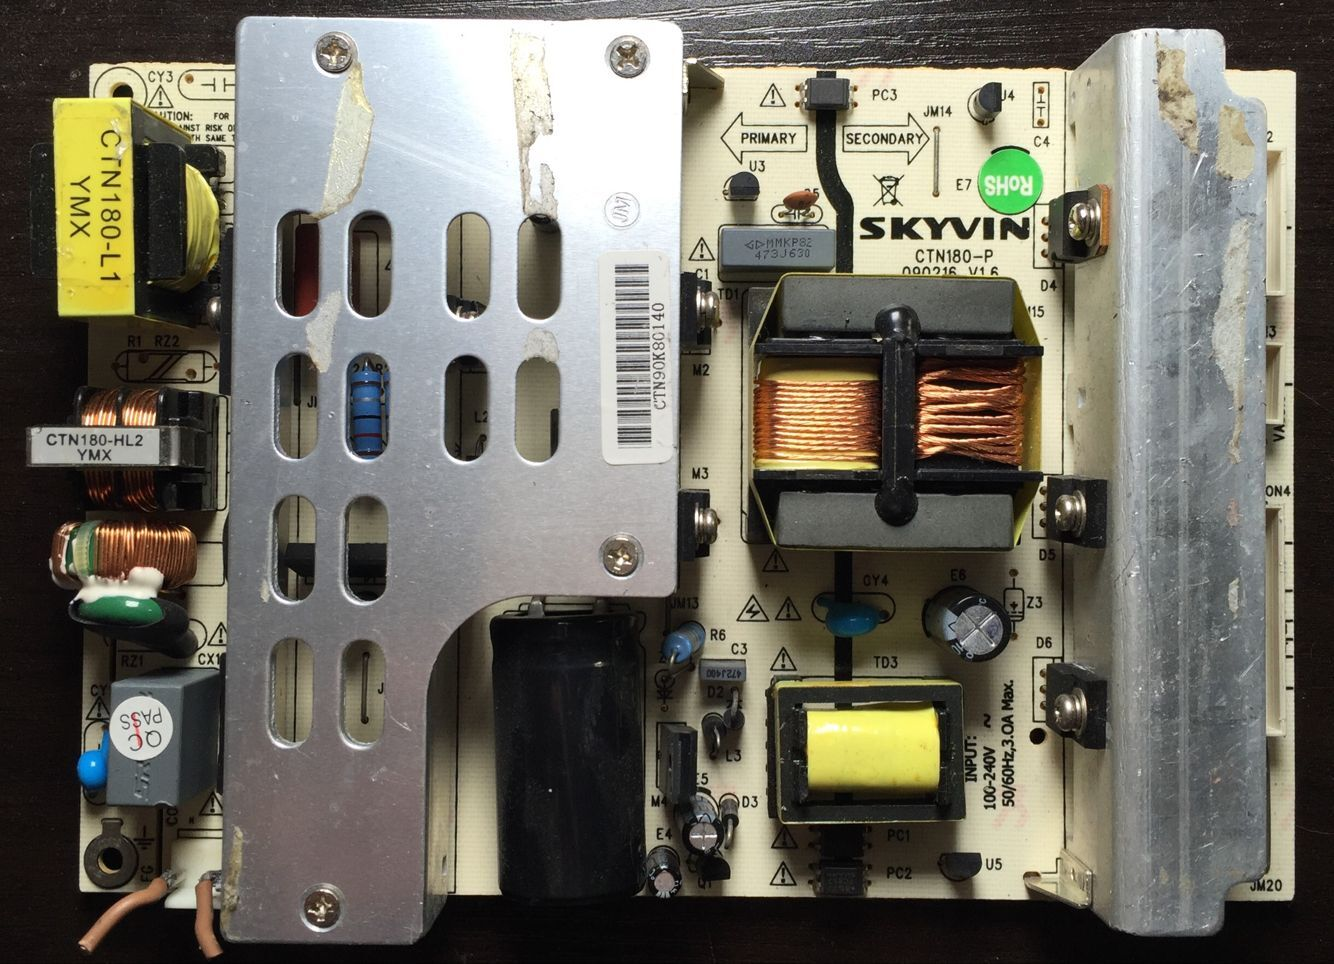 оригинальные разбирать Динк SKYVIN Общие полномочия Совета CTN180-P080610V1.5 жидкокристаллический телевизор